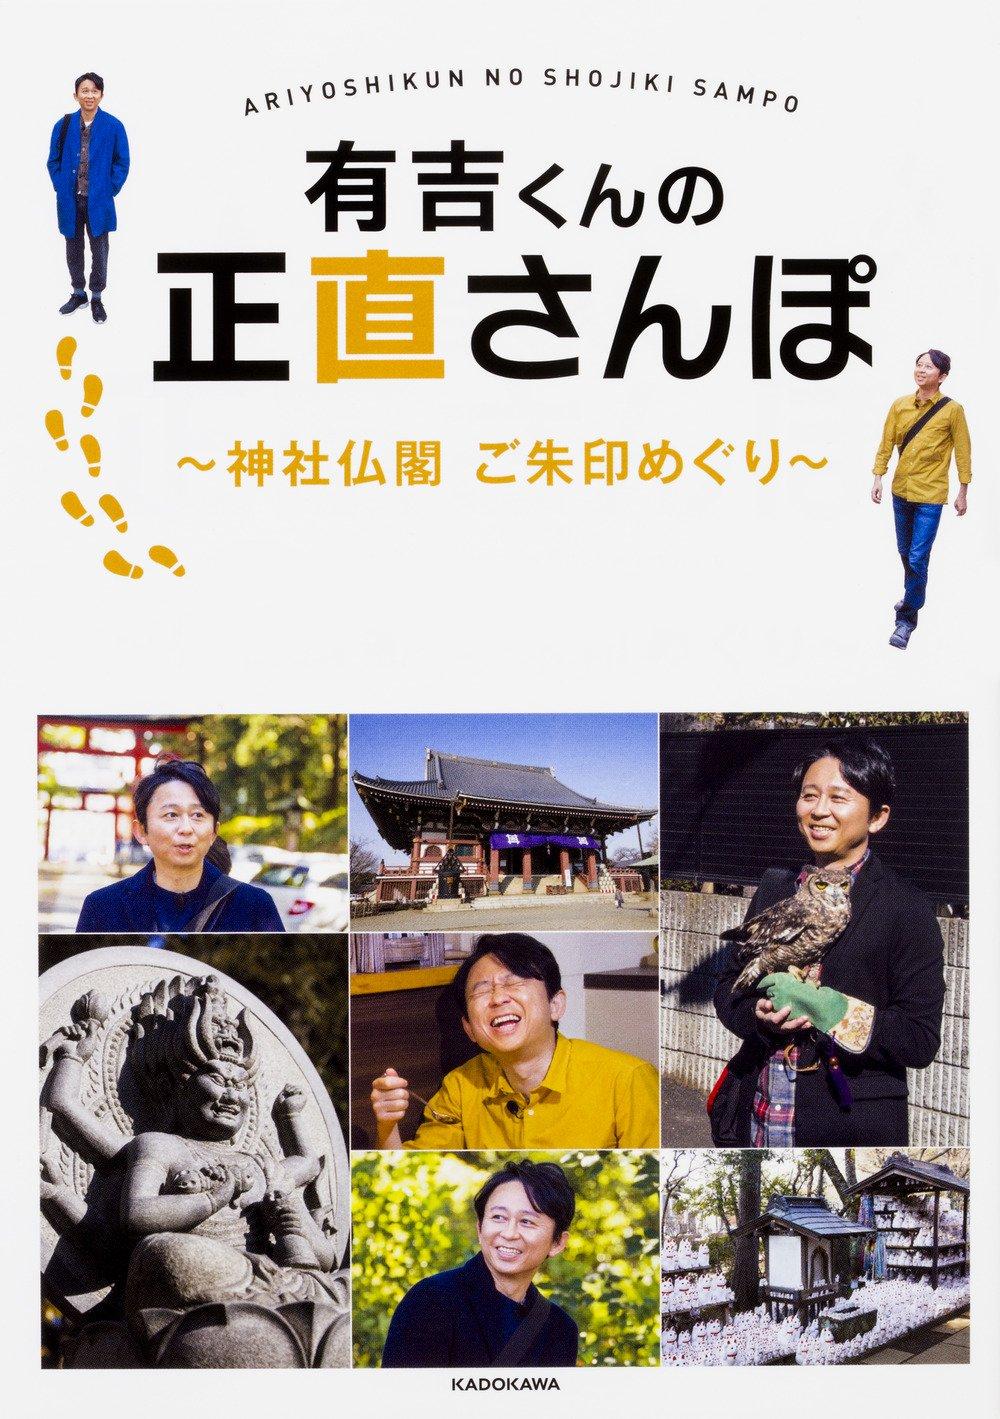 単行本 『有吉くんの正直さんぽ~神社仏閣御朱印めぐり~』 掲載